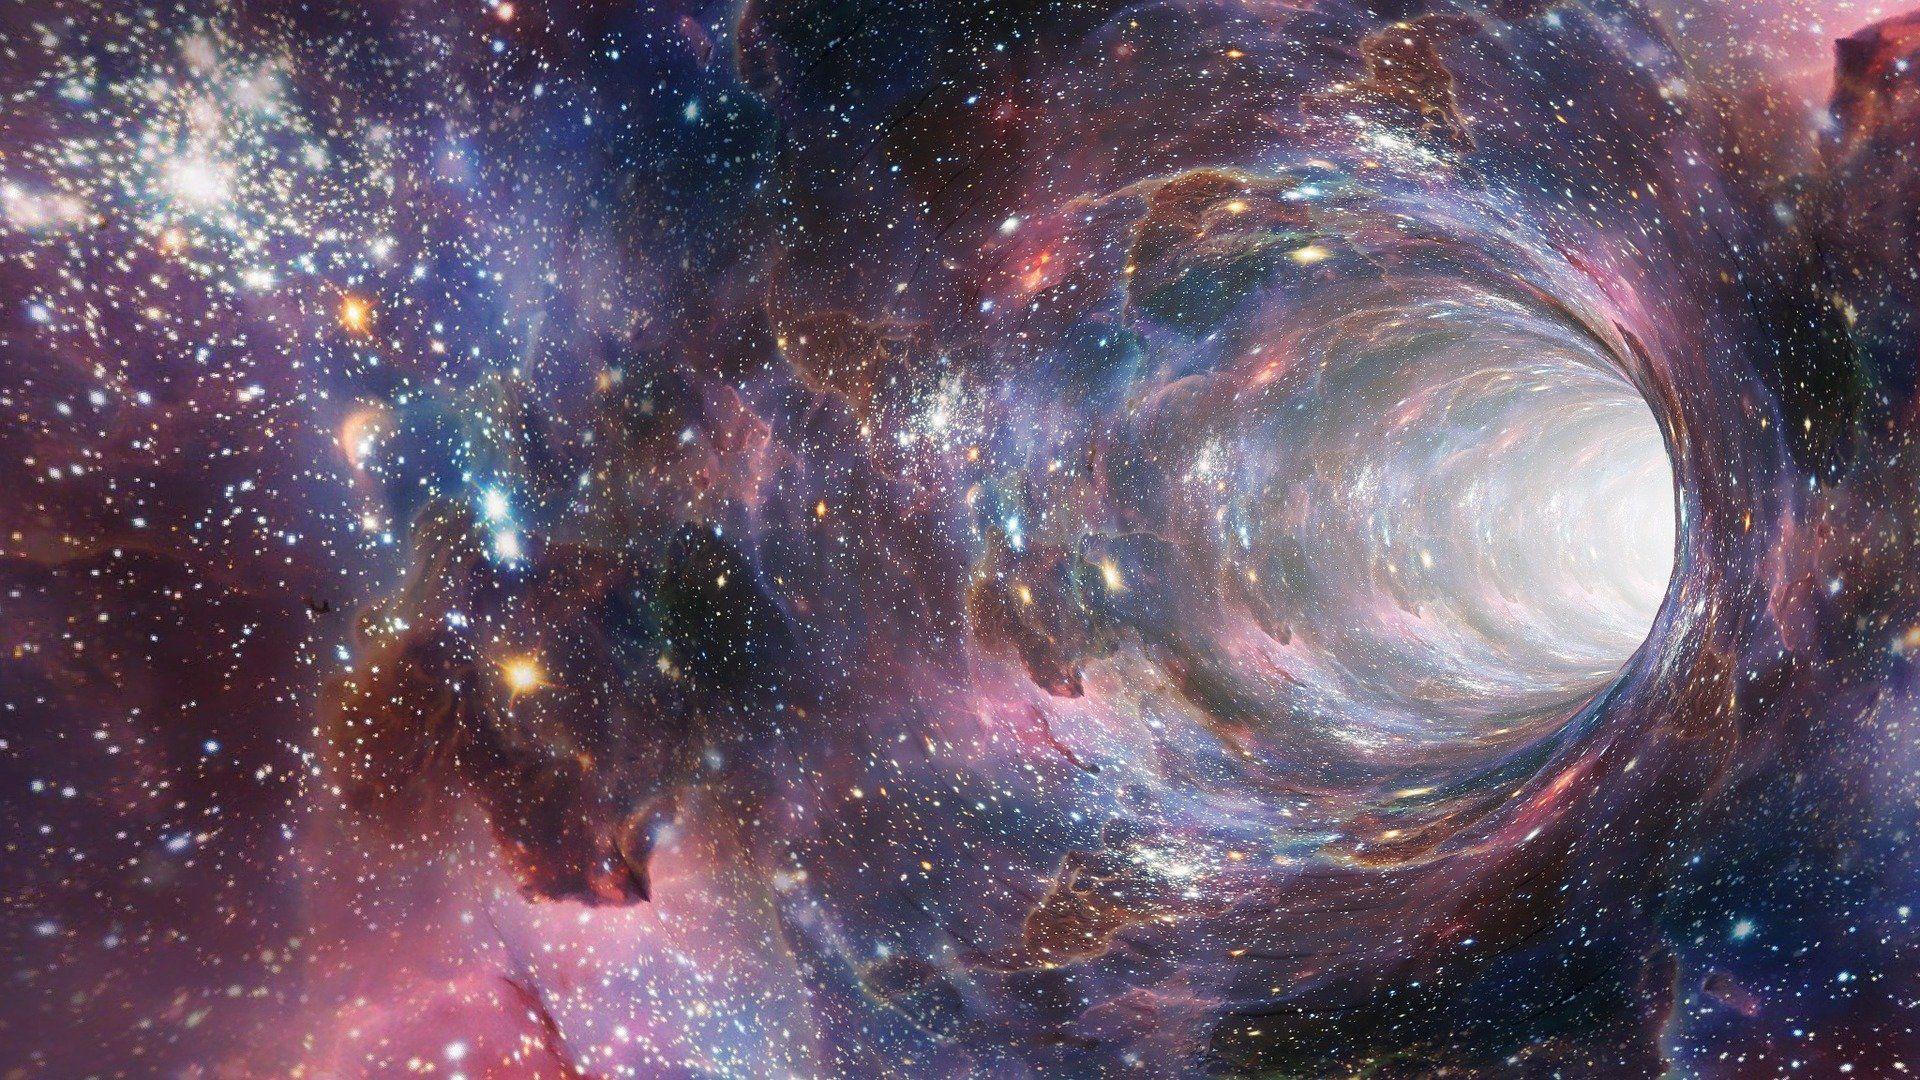 Masszív féreglyuk lehet a Tejútrendszerben - Feregjarat csillagaszat